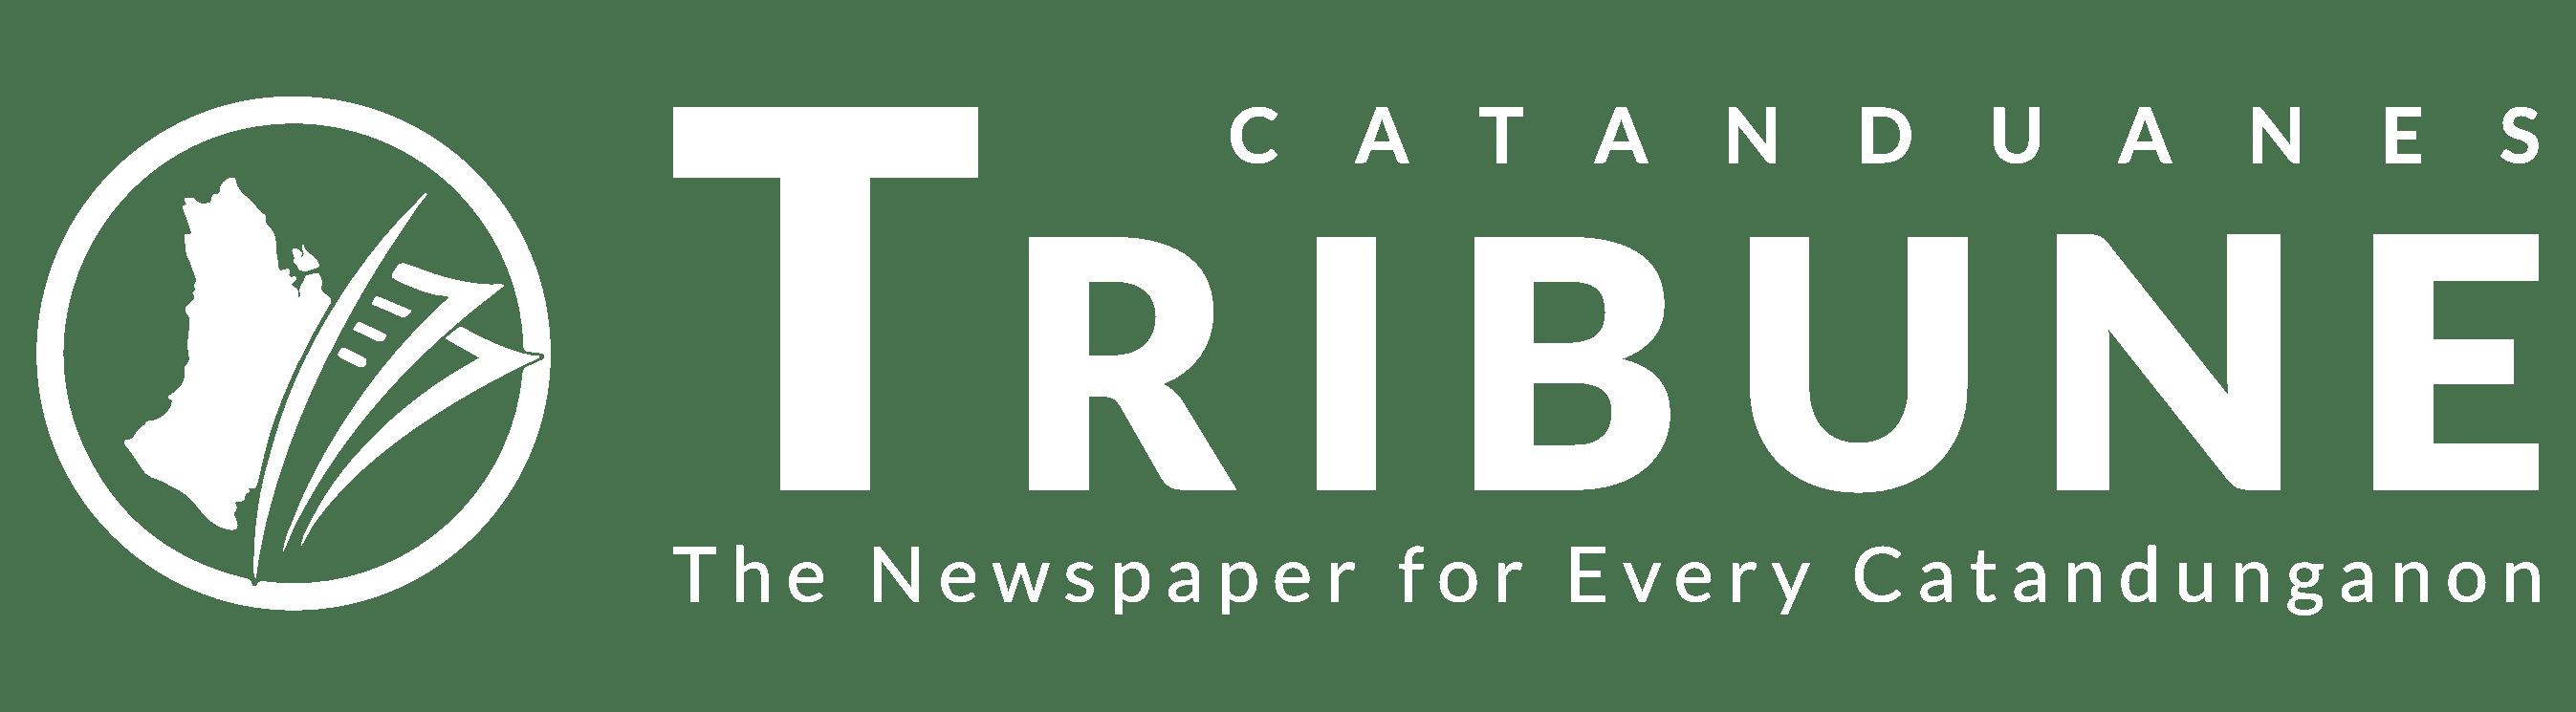 Catanduanes Tribune